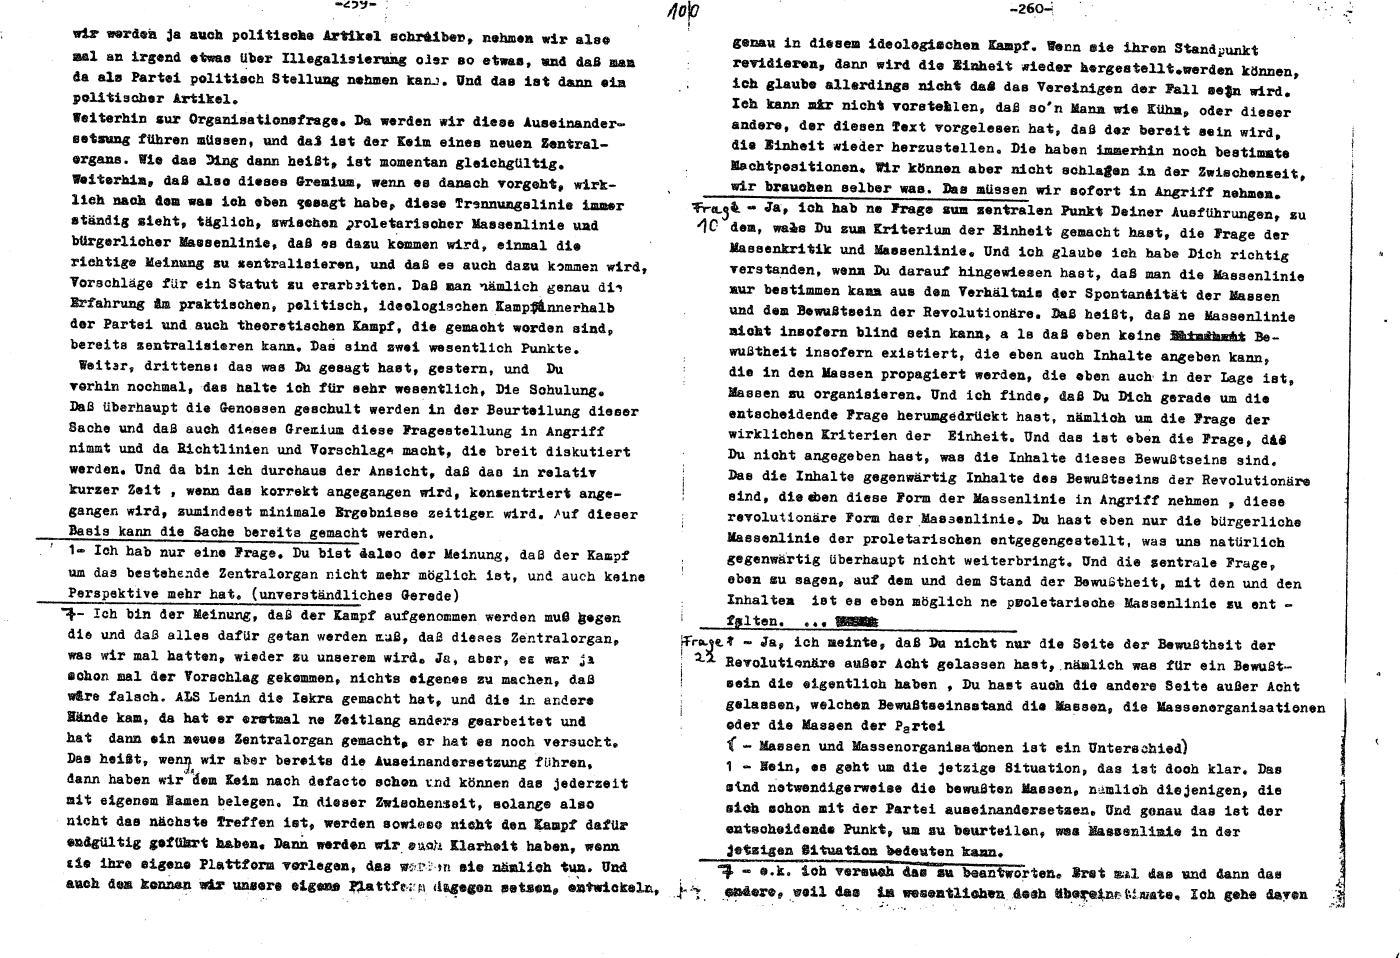 KPDML_1971_Wortprotokolle_aoPt_058